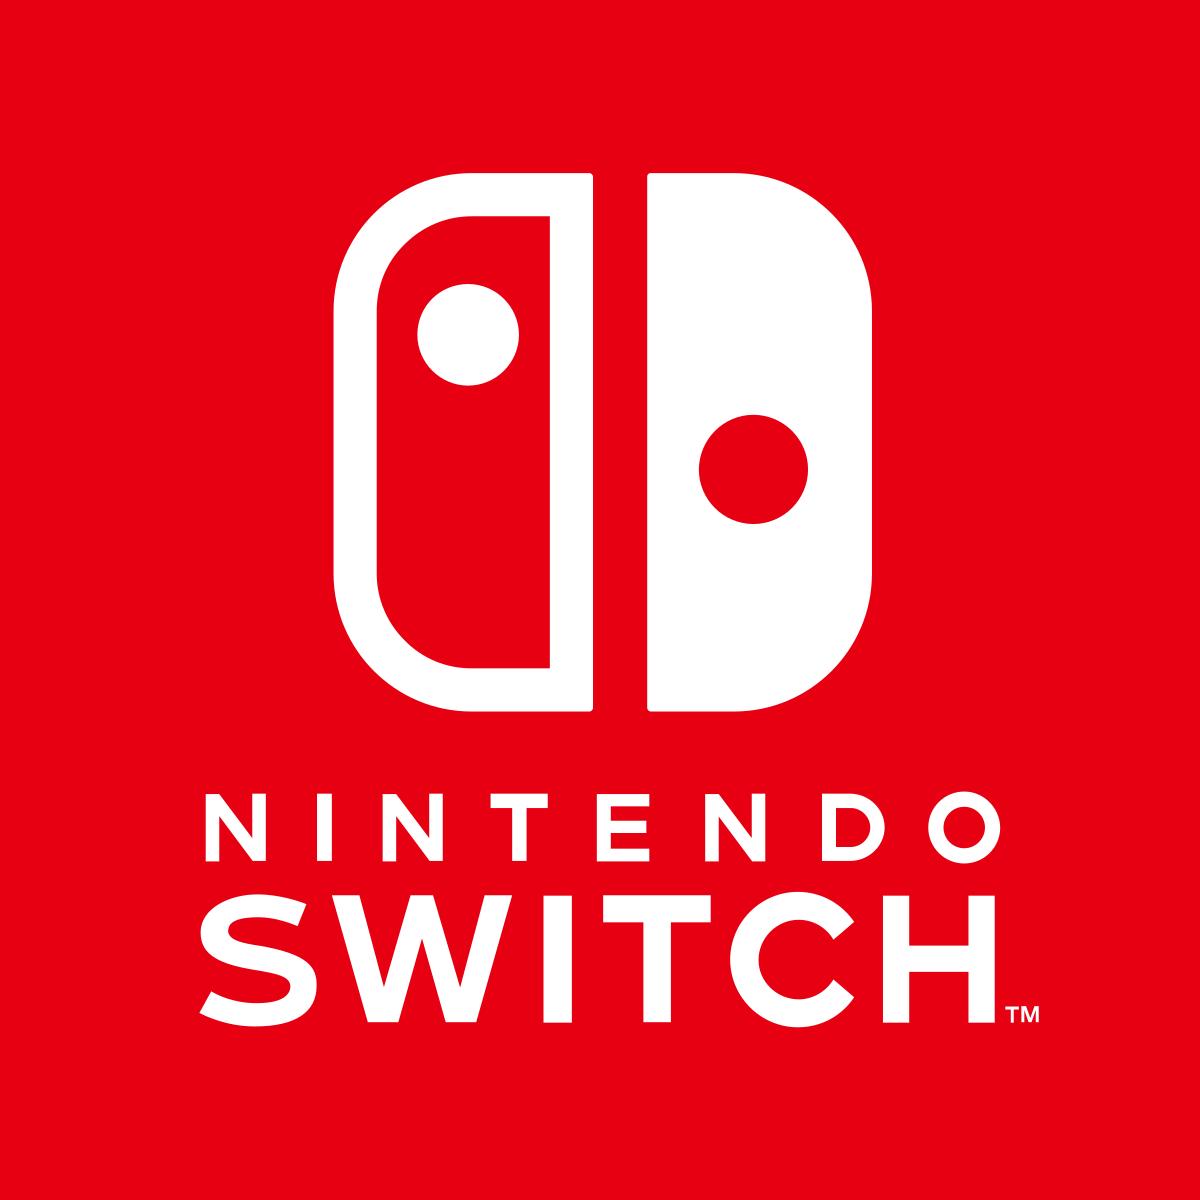 Nintendo Switch atinge 15 milhões de unidades vendidas